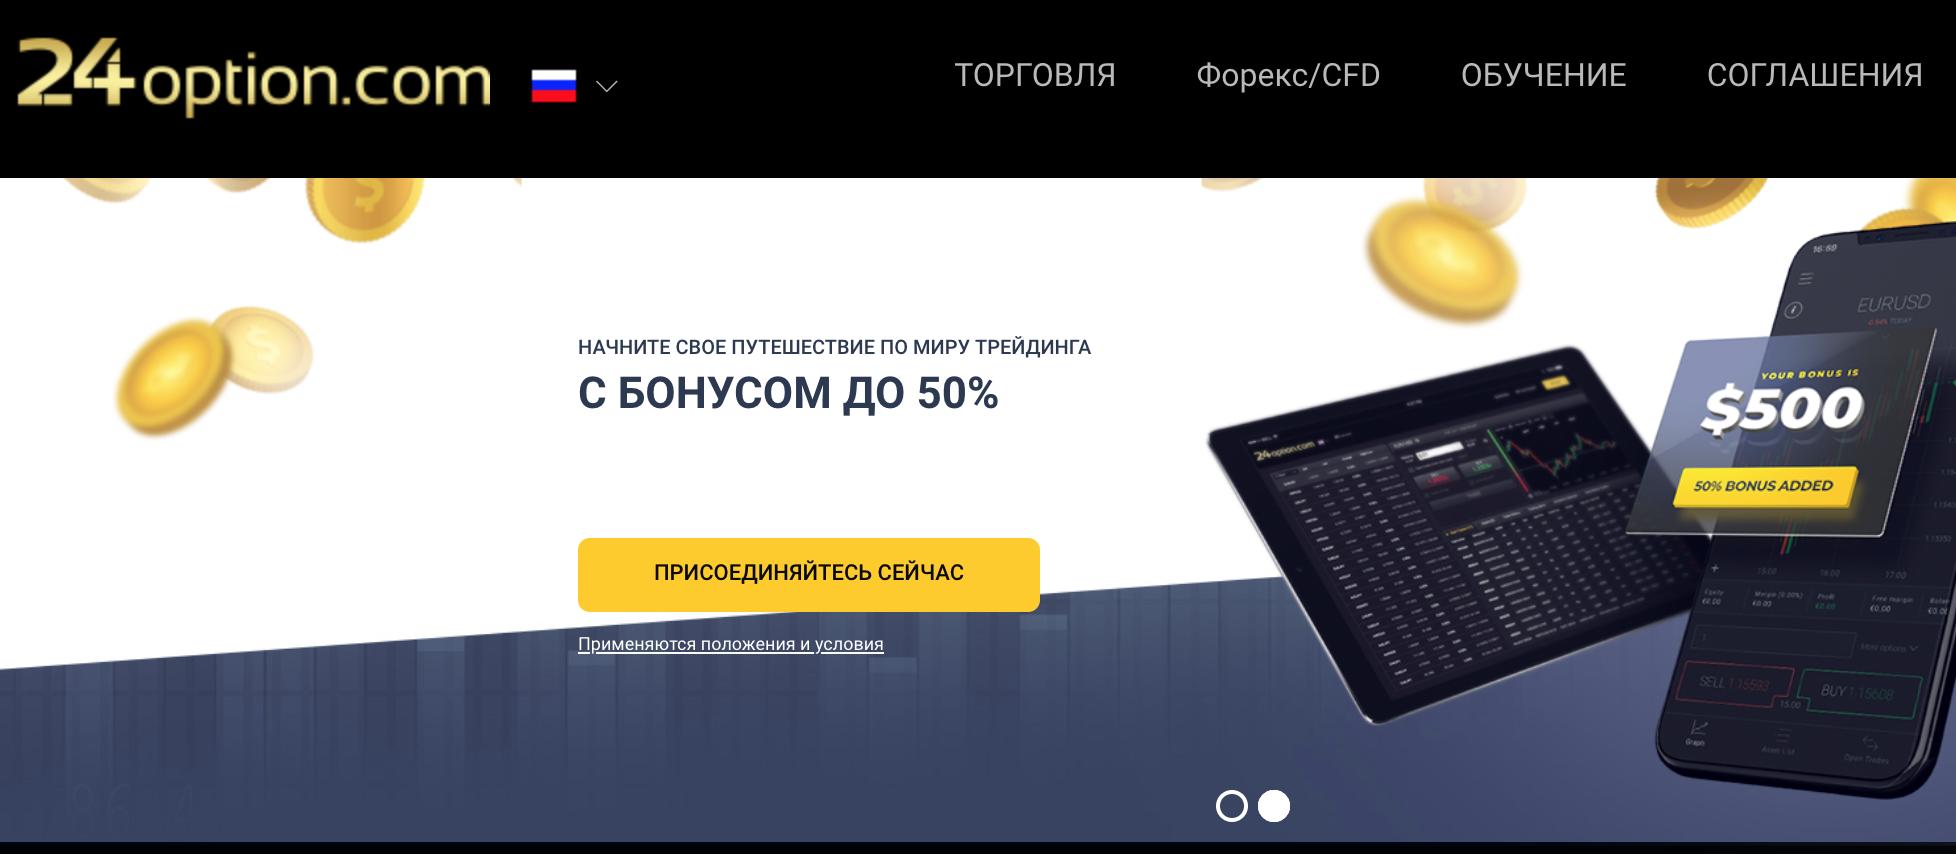 24option.com - форекс брокер трейдинг CFD на криптовалюты